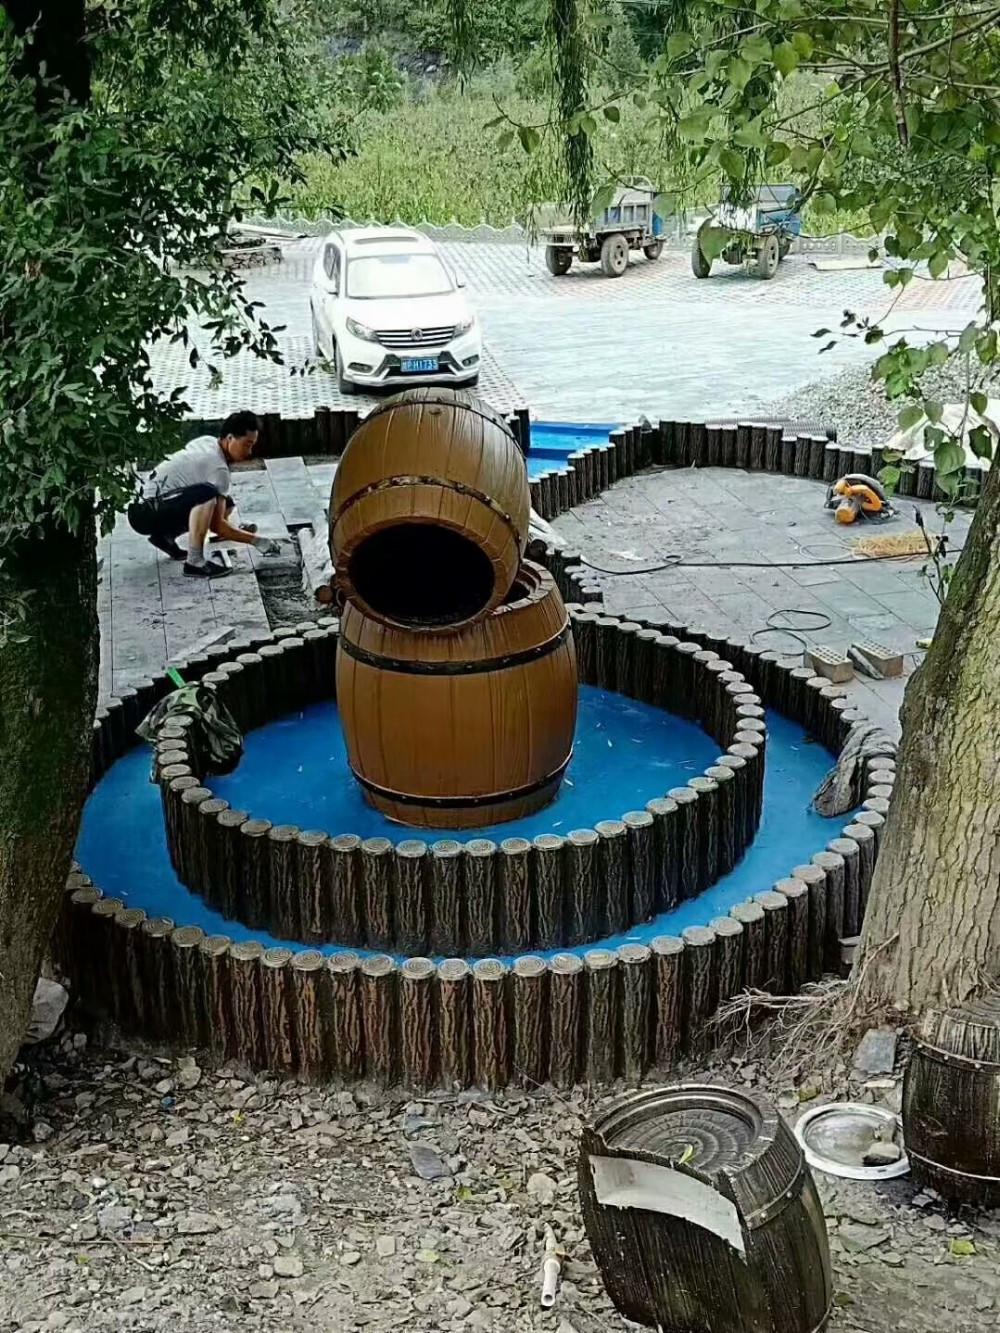 Concrete Landscape Edging Molds  Decorative Precast Plastic Concrete Garden Landscape